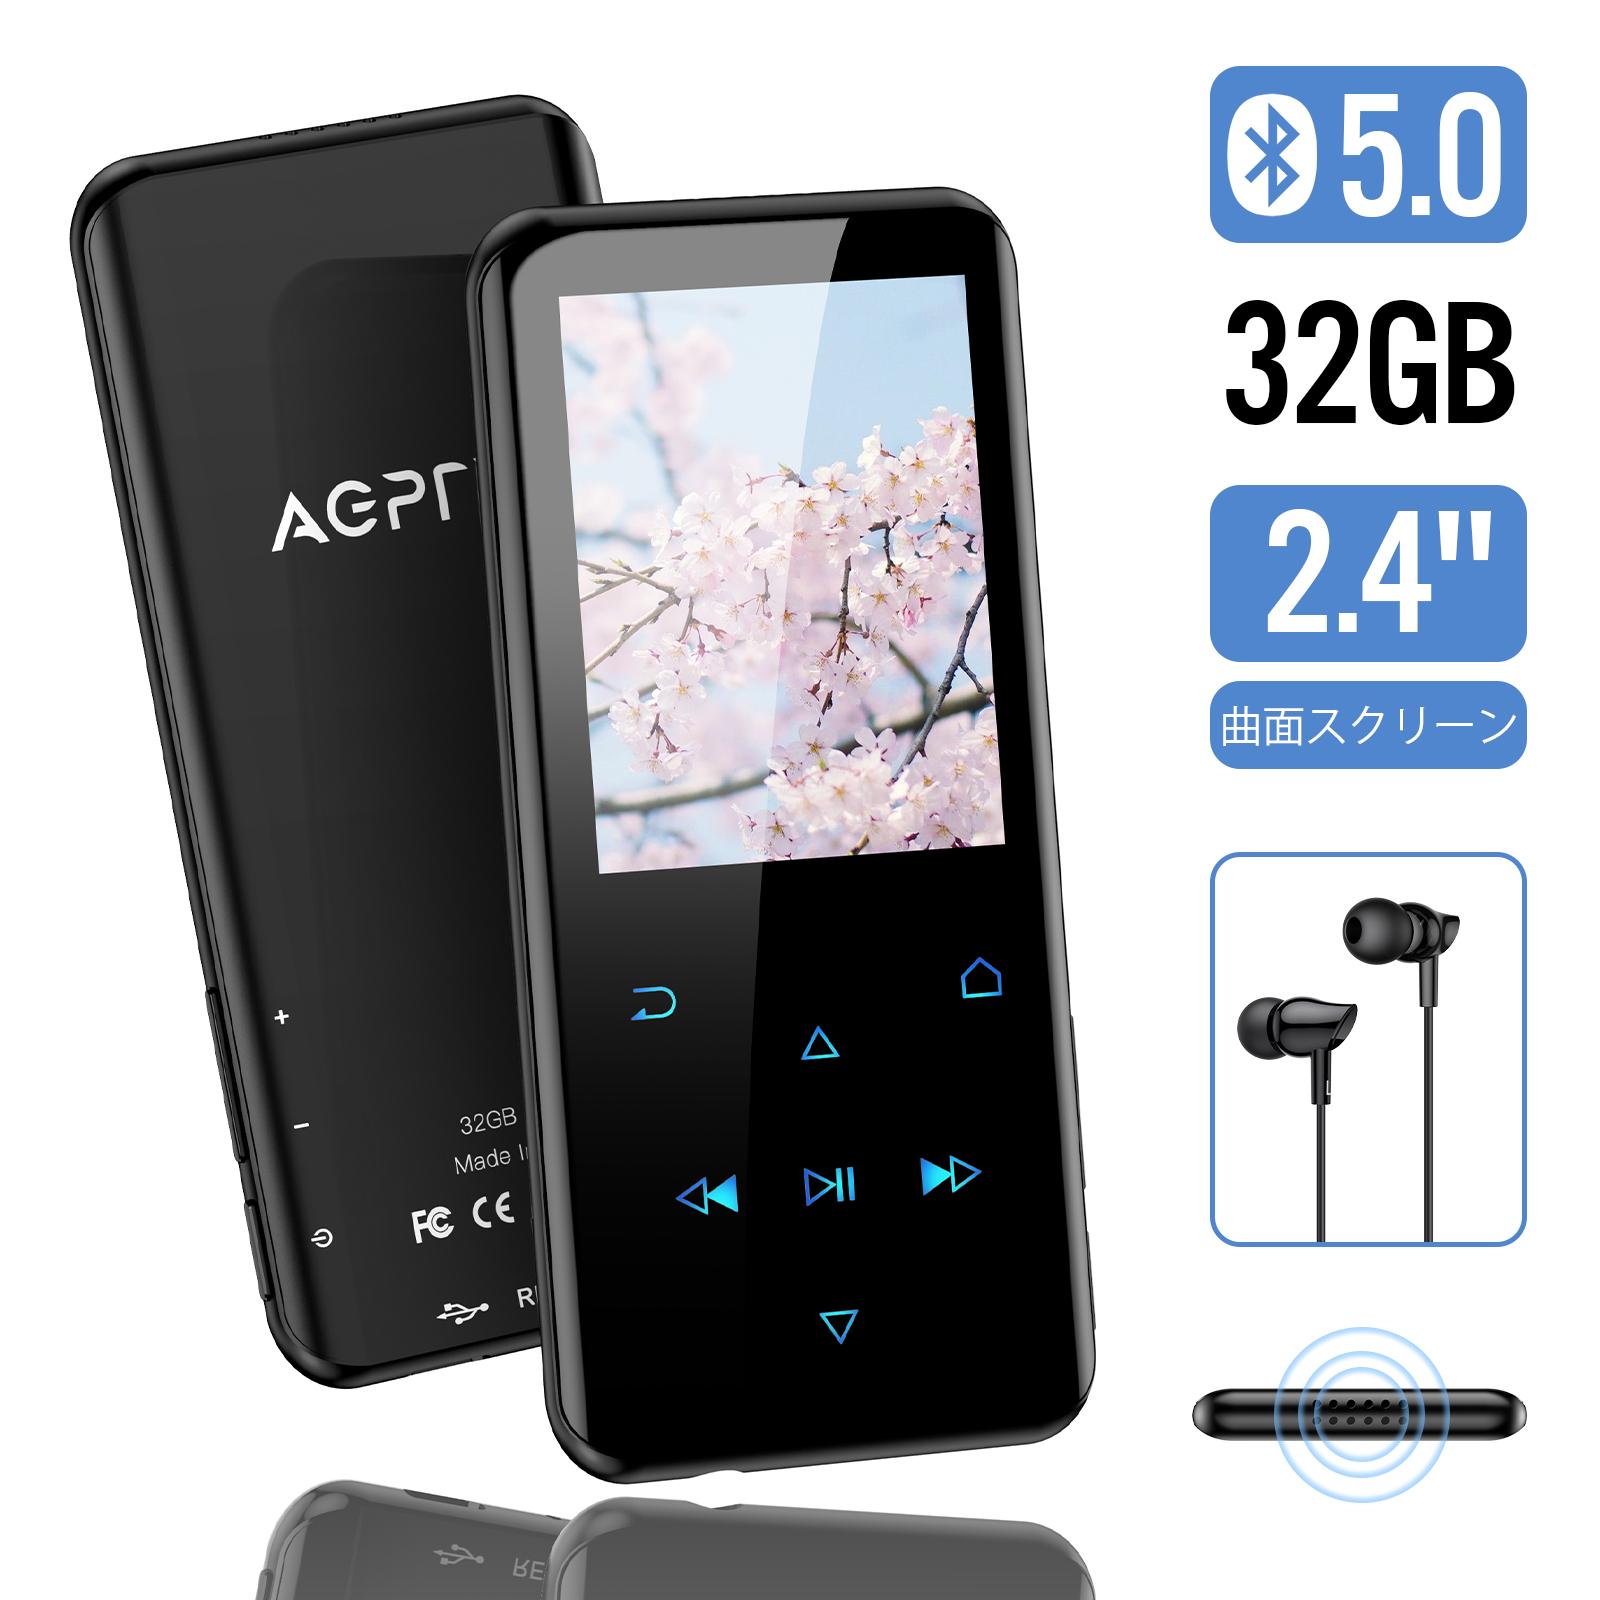 48時間連続再生可能 高級感を漂わせるおしゃれなデザインのウォークマン 2021年発売 AGPTEK 爆安 mp3プレーヤー Bluetooth5.0 スピーカー搭載 音楽プレーヤー デジタルオーディオプレーヤー タッチボタン 2.4インチ大画面 TFT曲面 歩数計 イヤホン付き プレゼント 録音 ウォークマン FMラジオ 最大128GB拡張可能 超軽量 2色 在庫一掃売り切りセール 32GB HIFI超高音質